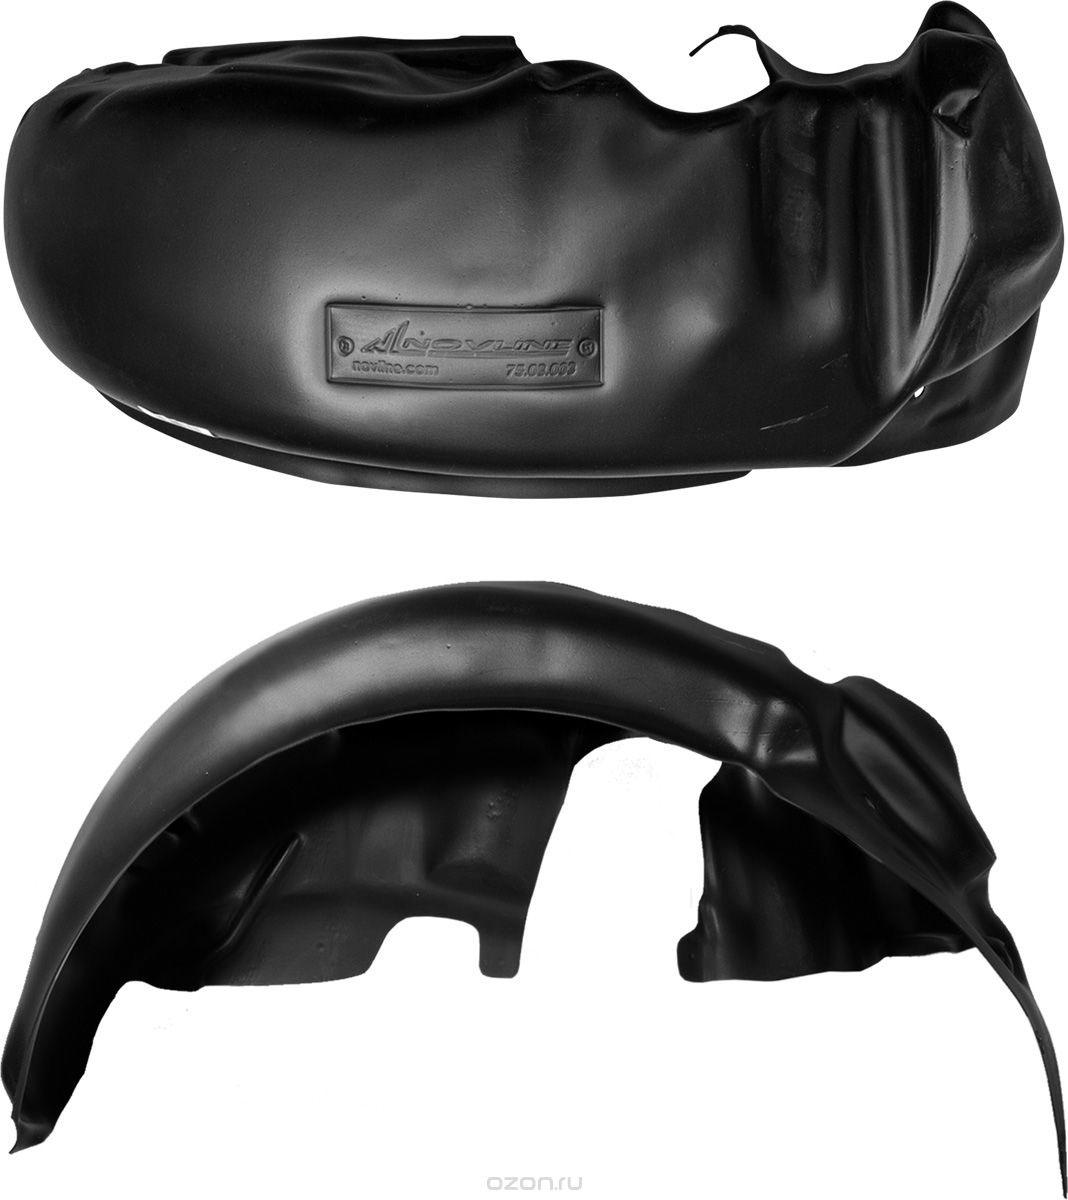 Подкрылок Novline-Autofamily, для NISSAN Teana, 03/2014->, седан, задний правыйNLL.36.42.004Идеальная защита колесной ниши. Локеры разработаны с применением цифровых технологий, гарантируют максимальную повторяемость поверхности арки. Изделия устанавливаются без нарушения лакокрасочного покрытия автомобиля, каждый подкрылок комплектуется крепежом. Уважаемые клиенты, обращаем ваше внимание, что фотографии на подкрылки универсальные и не отражают реальную форму изделия. При этом само изделие идет точно под размер указанного автомобиля.